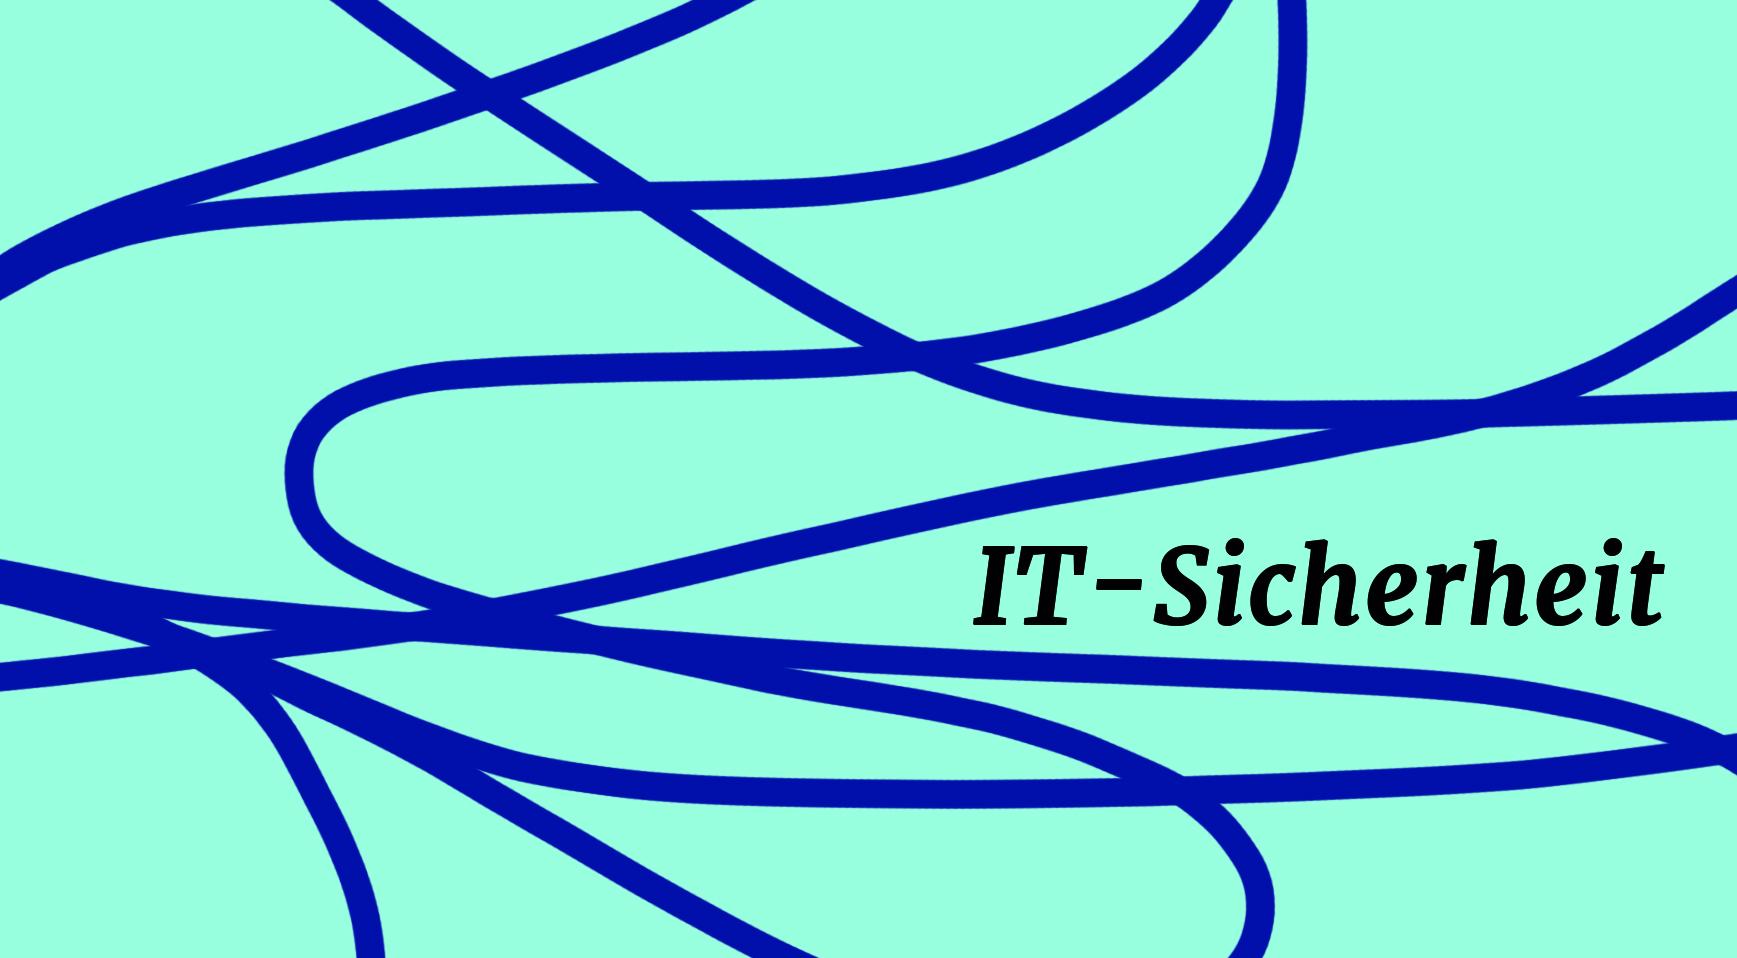 AXXCON IT Sicherheit ISMS Einführung